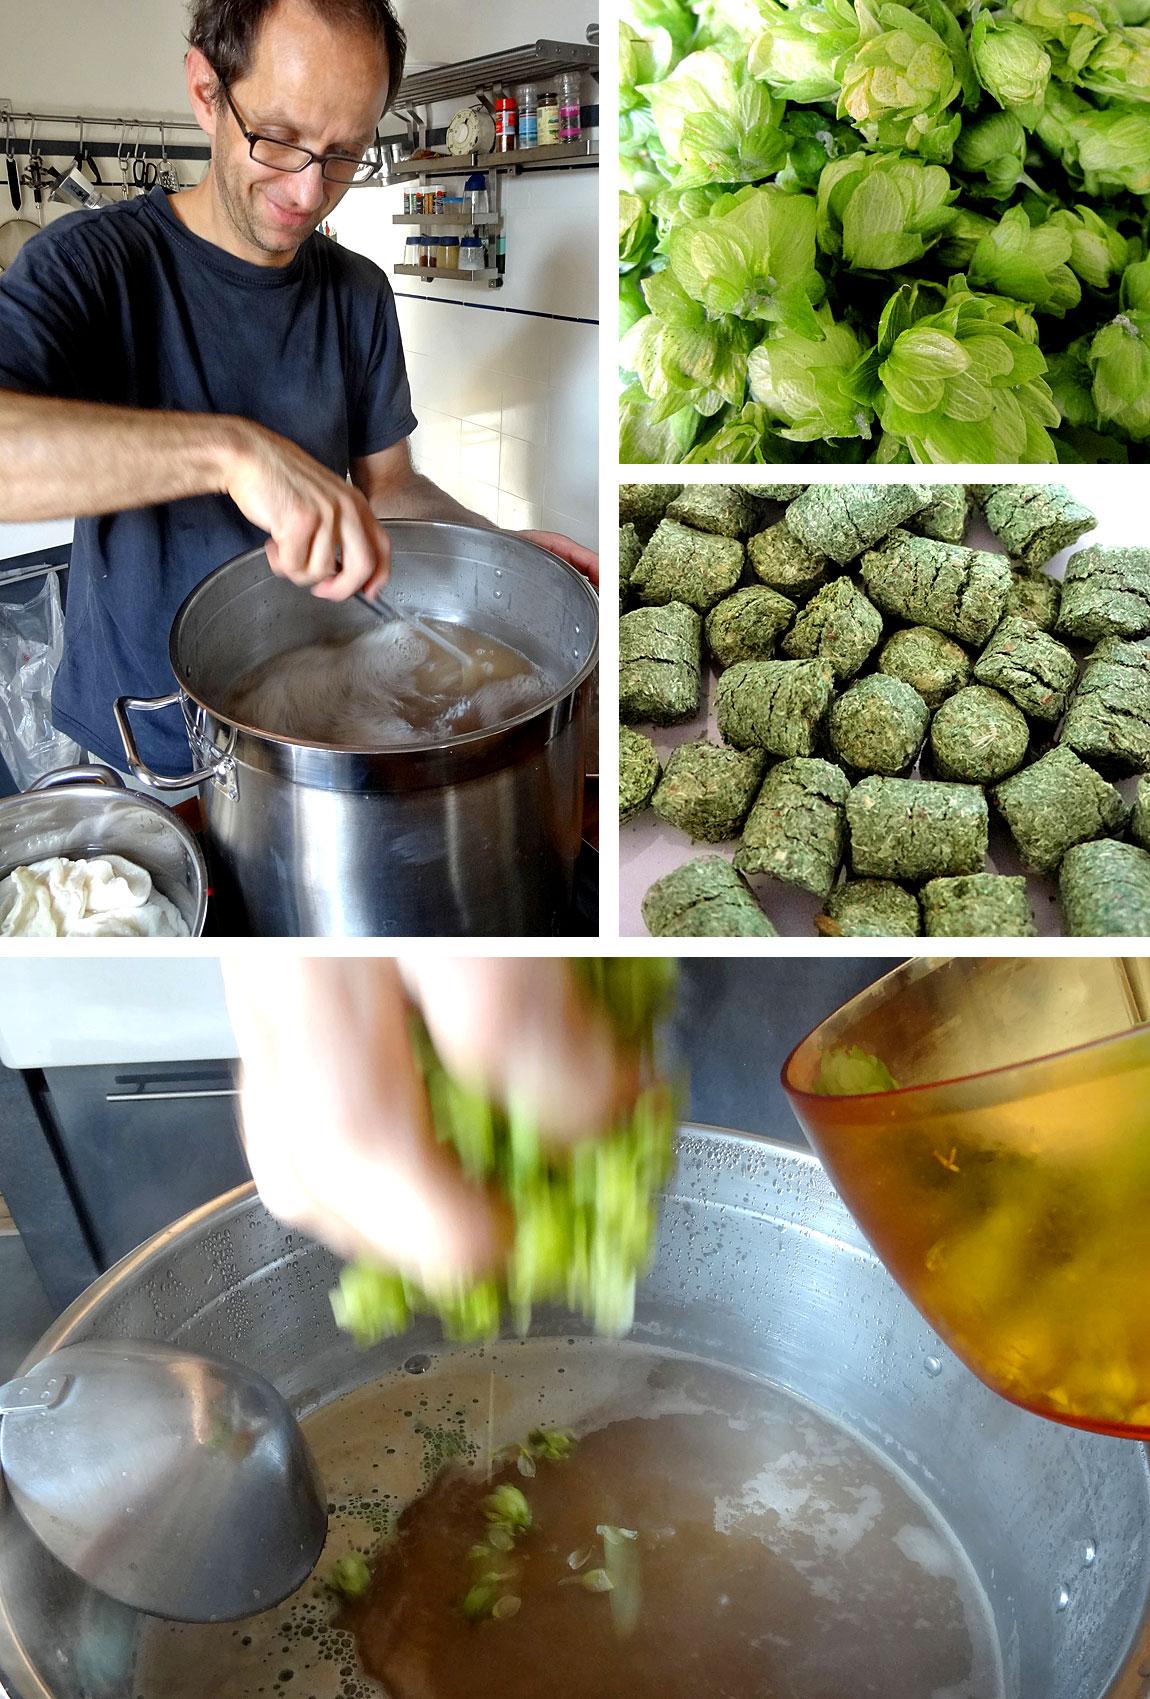 Würze kochen und Hopfen hinzugeben - oben der Aromahopfen aus dem eigenen Garten, unten der gepresste Bitterhopfen